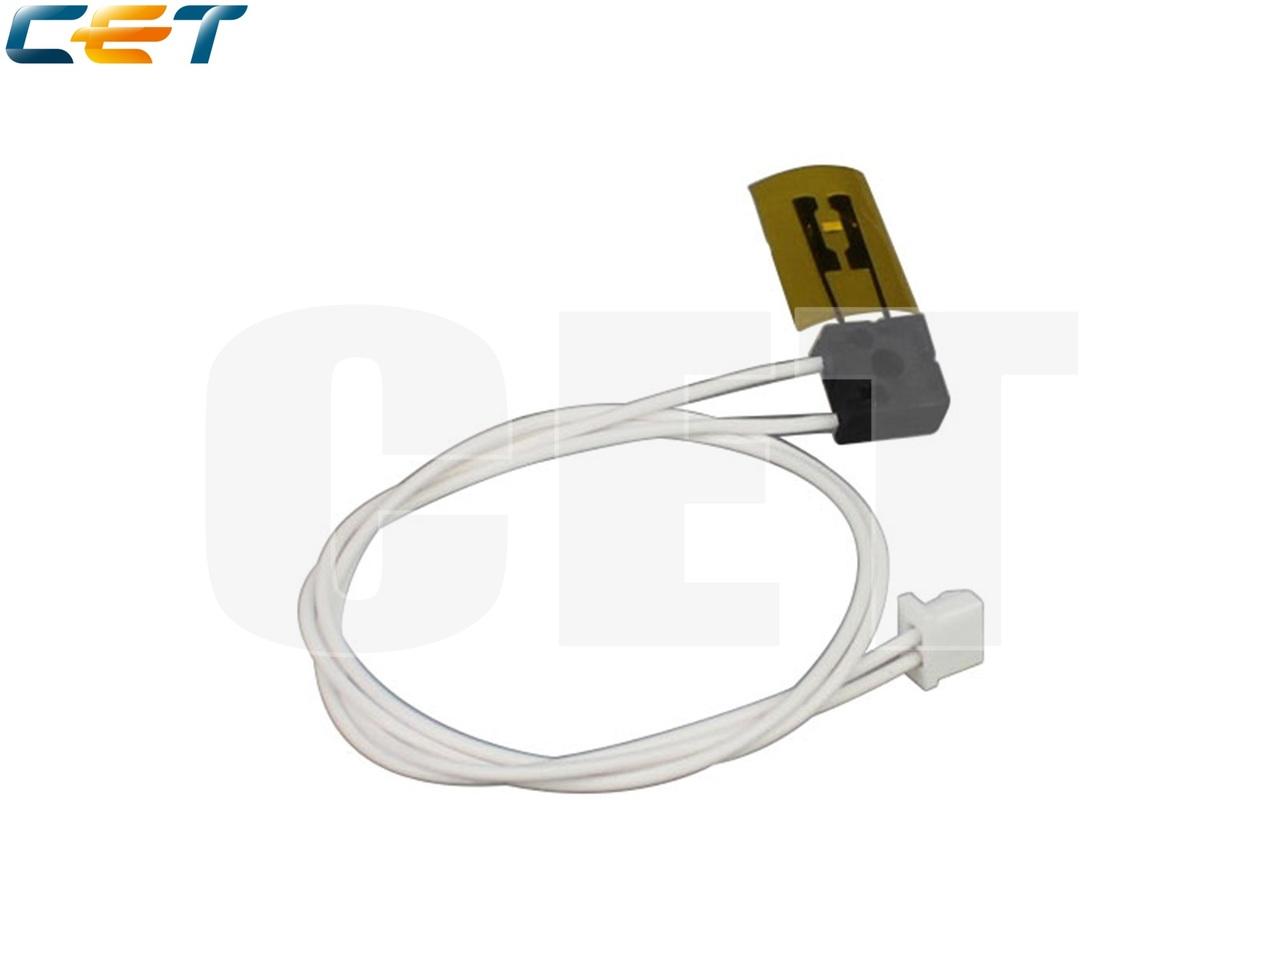 Термистор AW10-0088 для RICOH Aficio 1515 (CET), CET6047